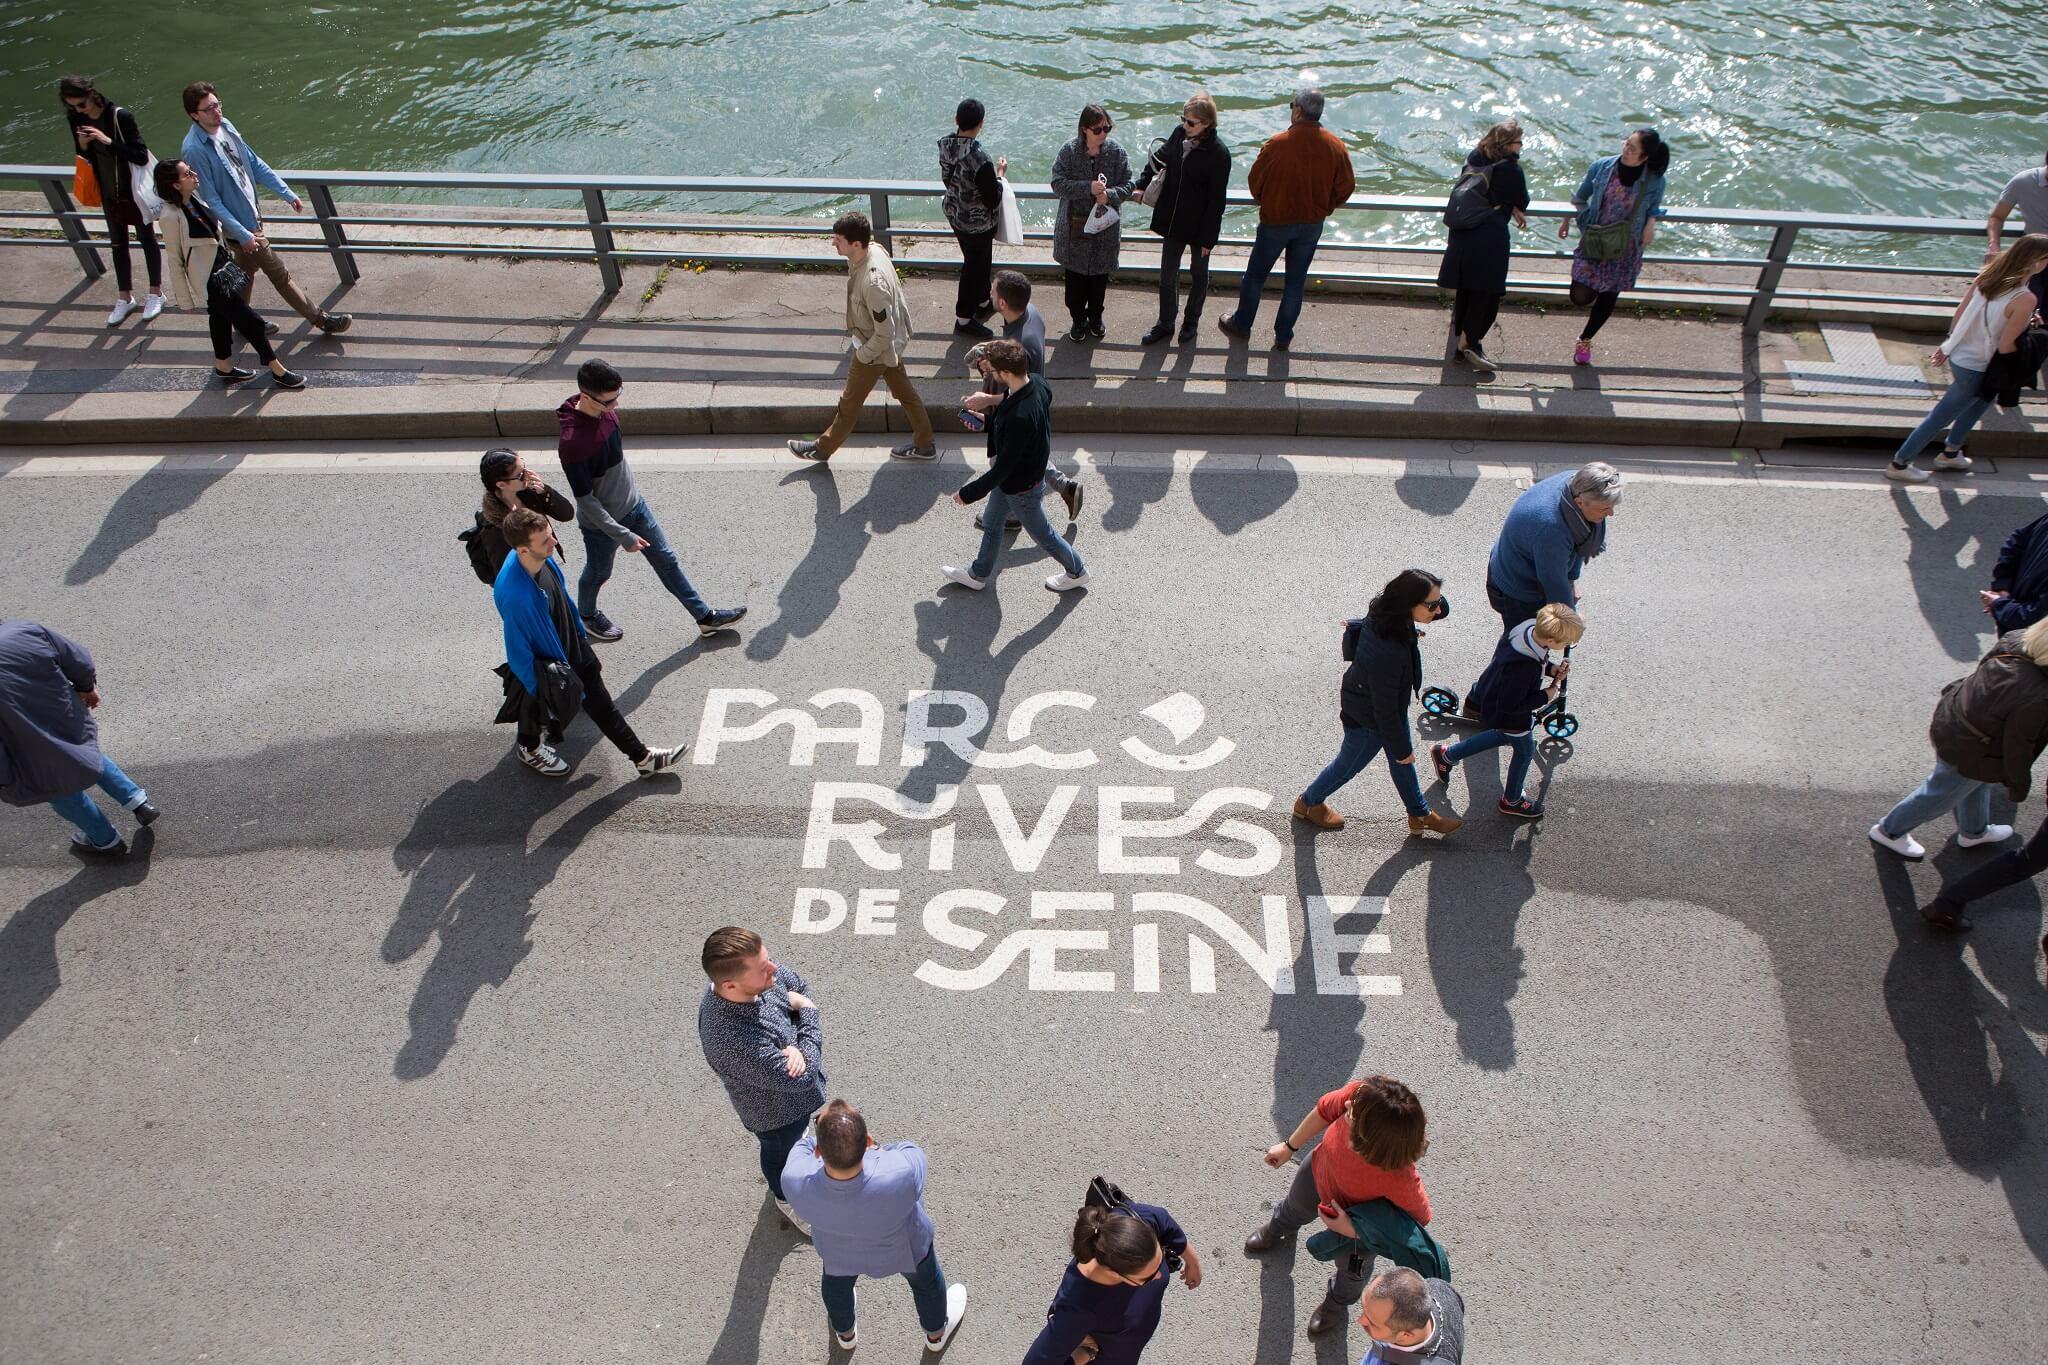 En abril de 2017, Hidalgo profundizó la medida abriendo otro nuevo parque de 2,5 kilómetros lineales habilitados exclusivamente para los peatones en la ribera derecha y que se sumaron a los 4,5 kms de parque existentes en la orilla izquierda, completando así 7 kms. Foto: Jean-Baptise Gurliat -Alcaldía de París